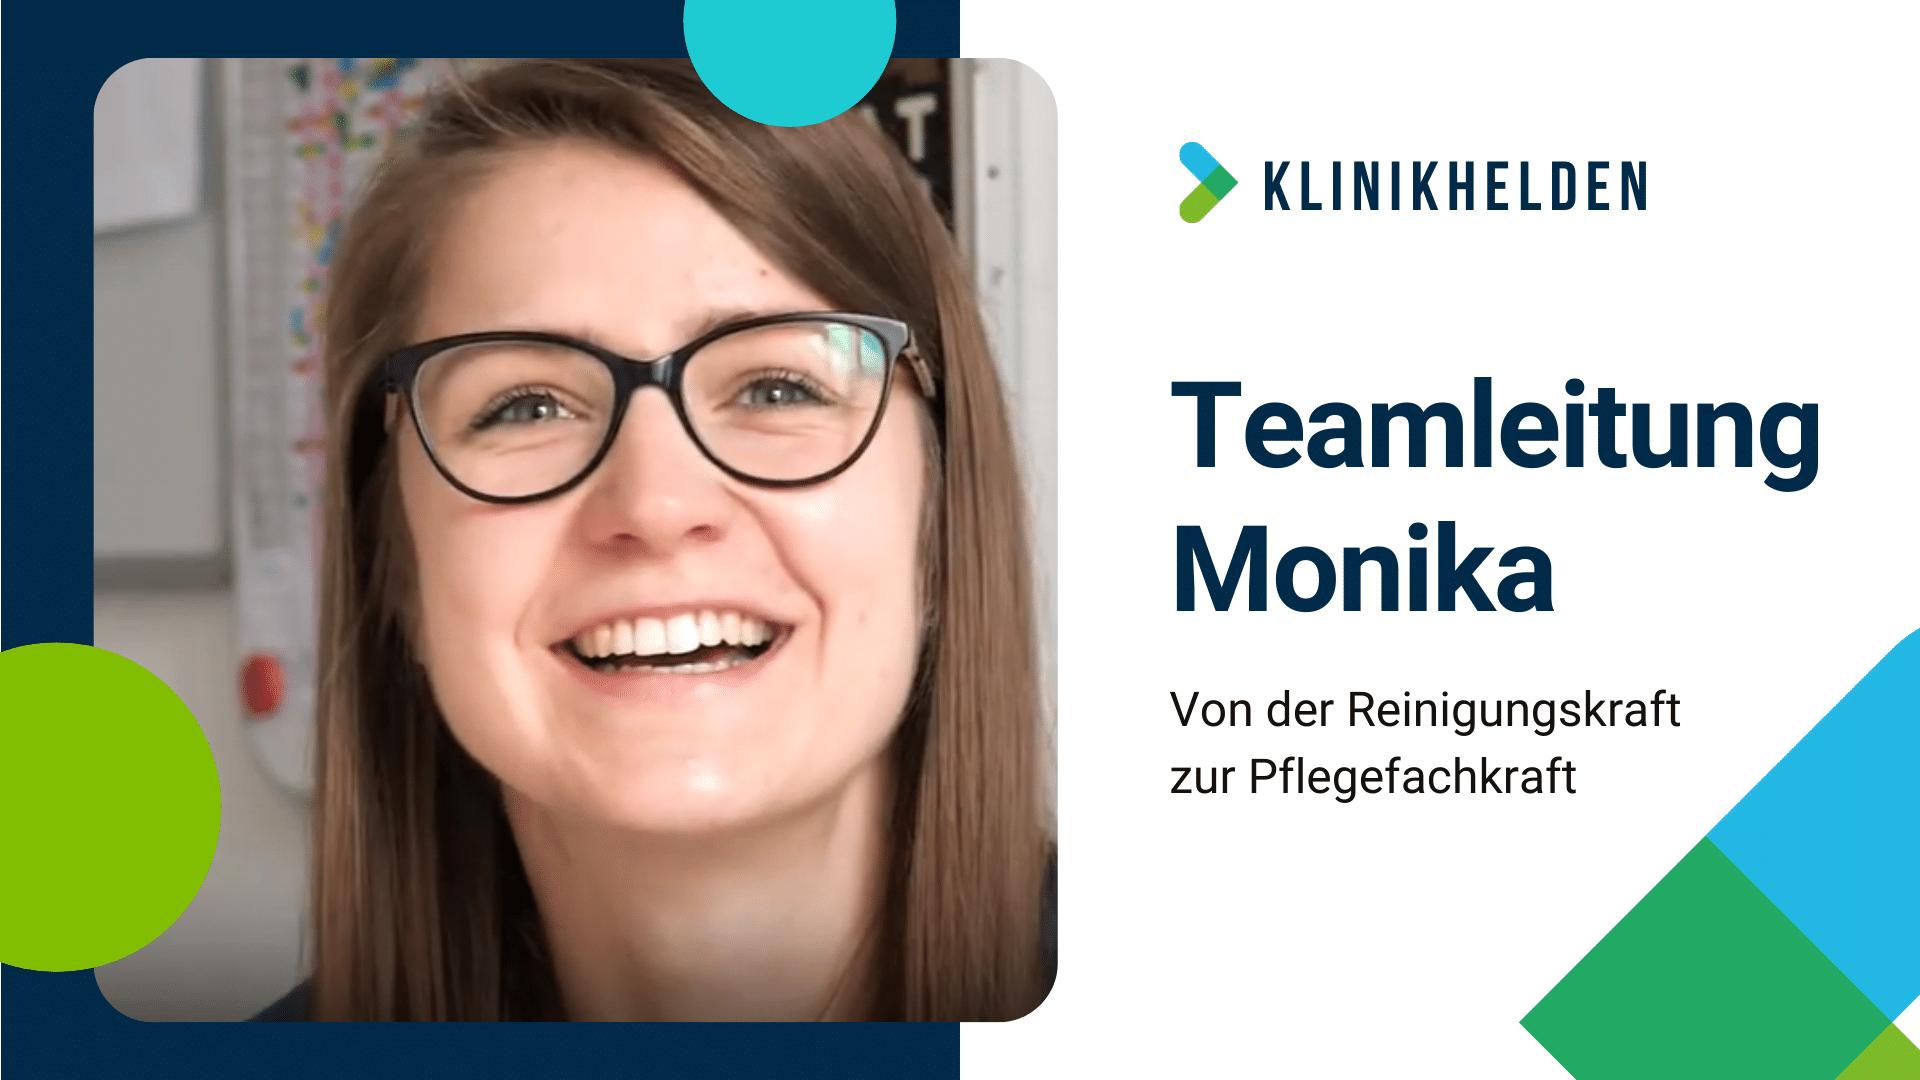 Von der Reinigungskraft zur Pflegefachkraft – Teamleitung Monika